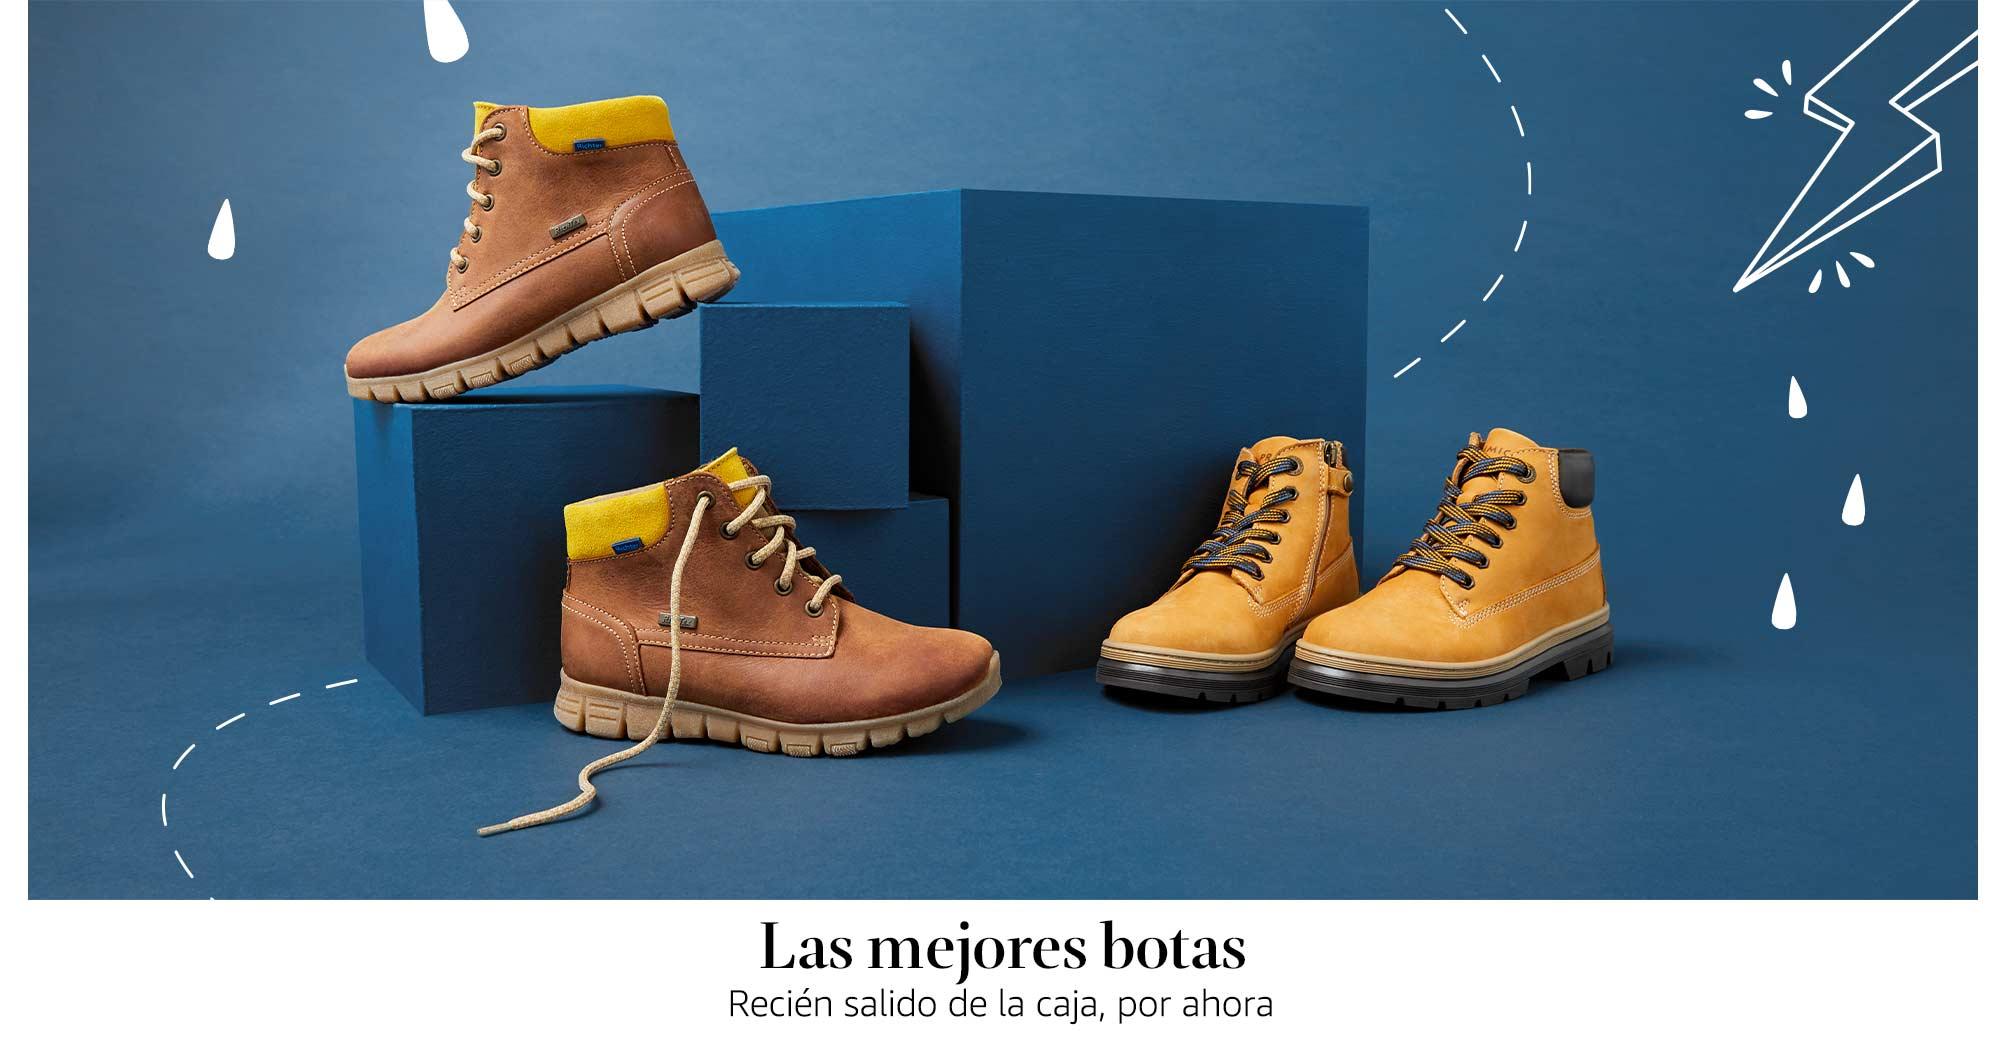 Las mejores botas